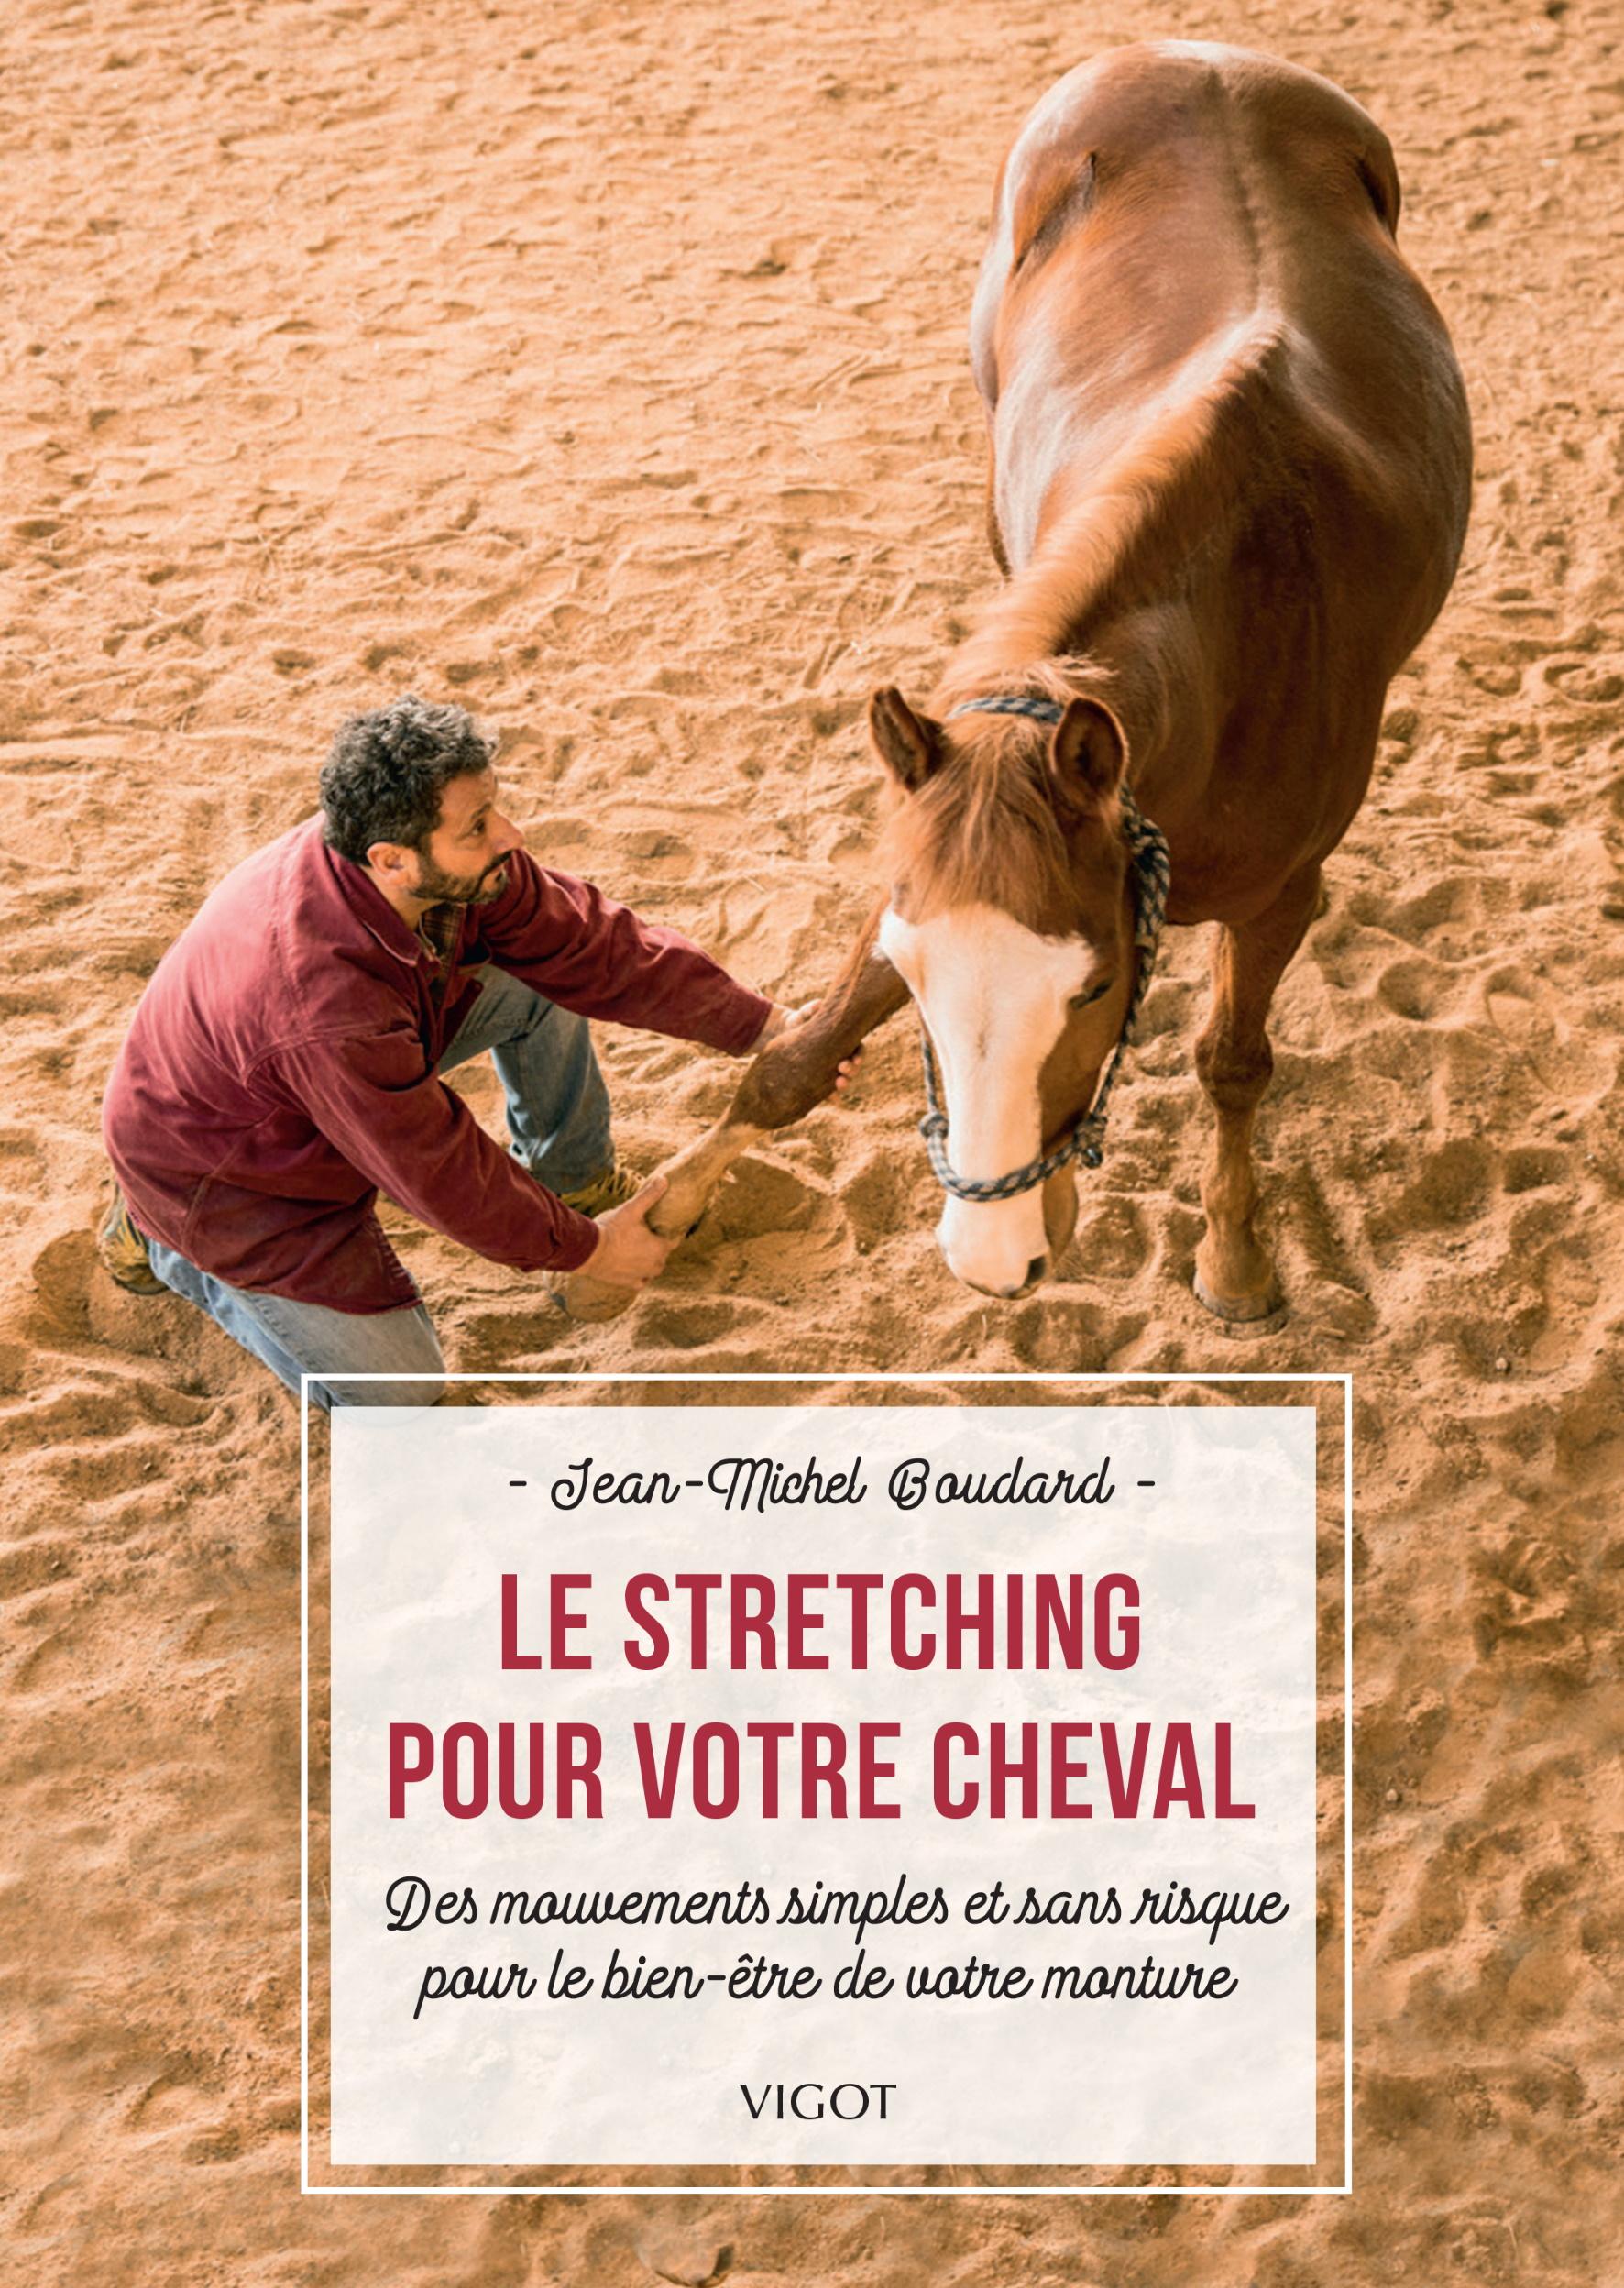 Le stretching pour votre cheval